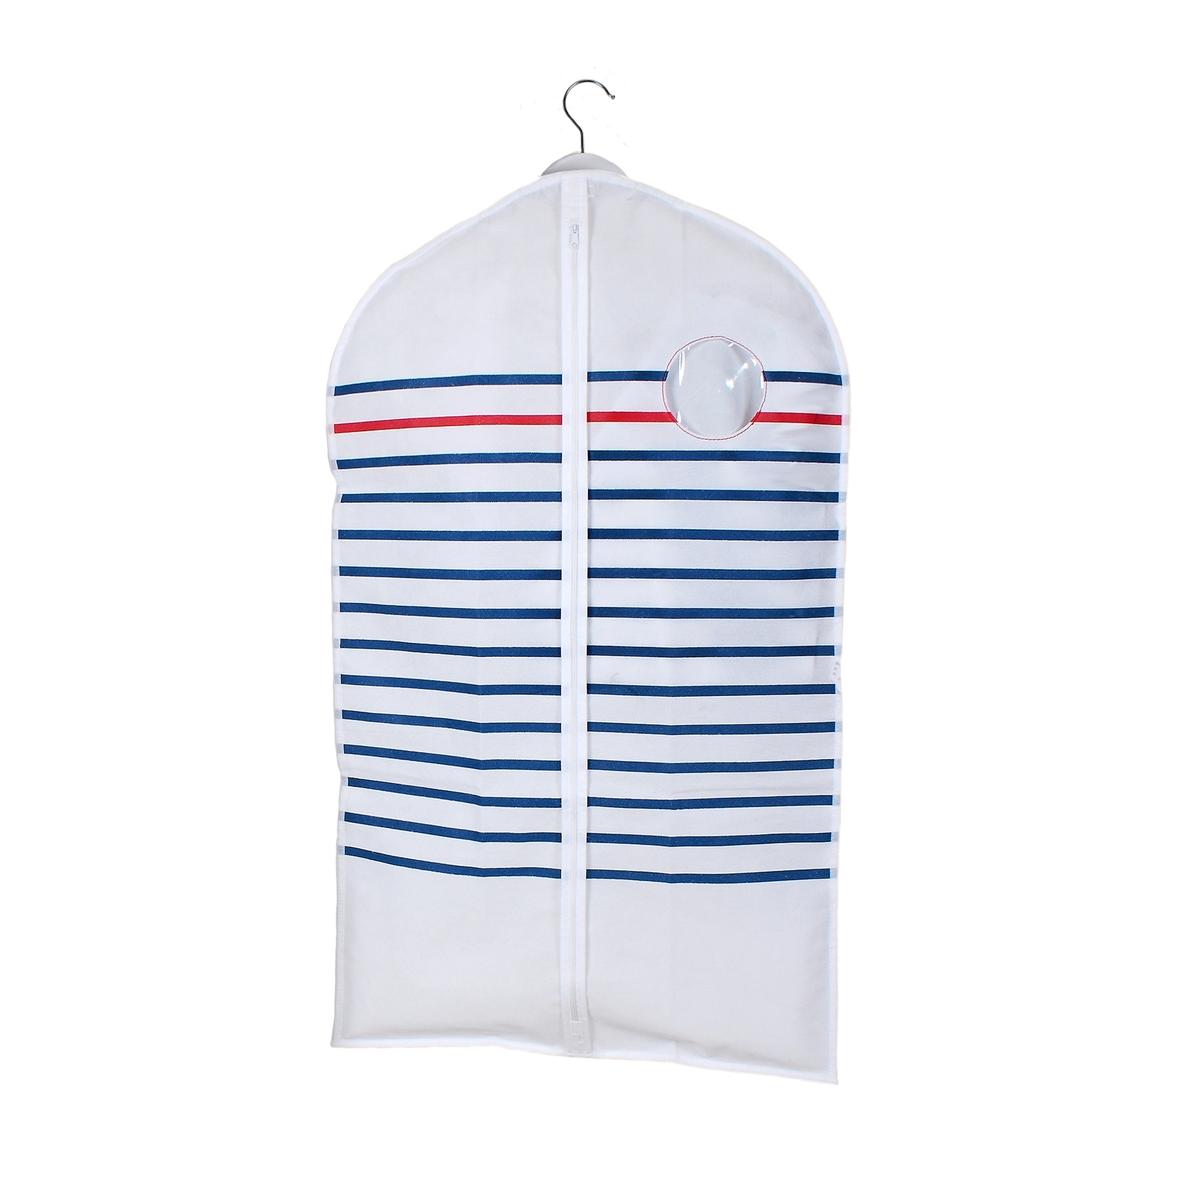 Чехол для хранения одежды  31927 от LaRedoute